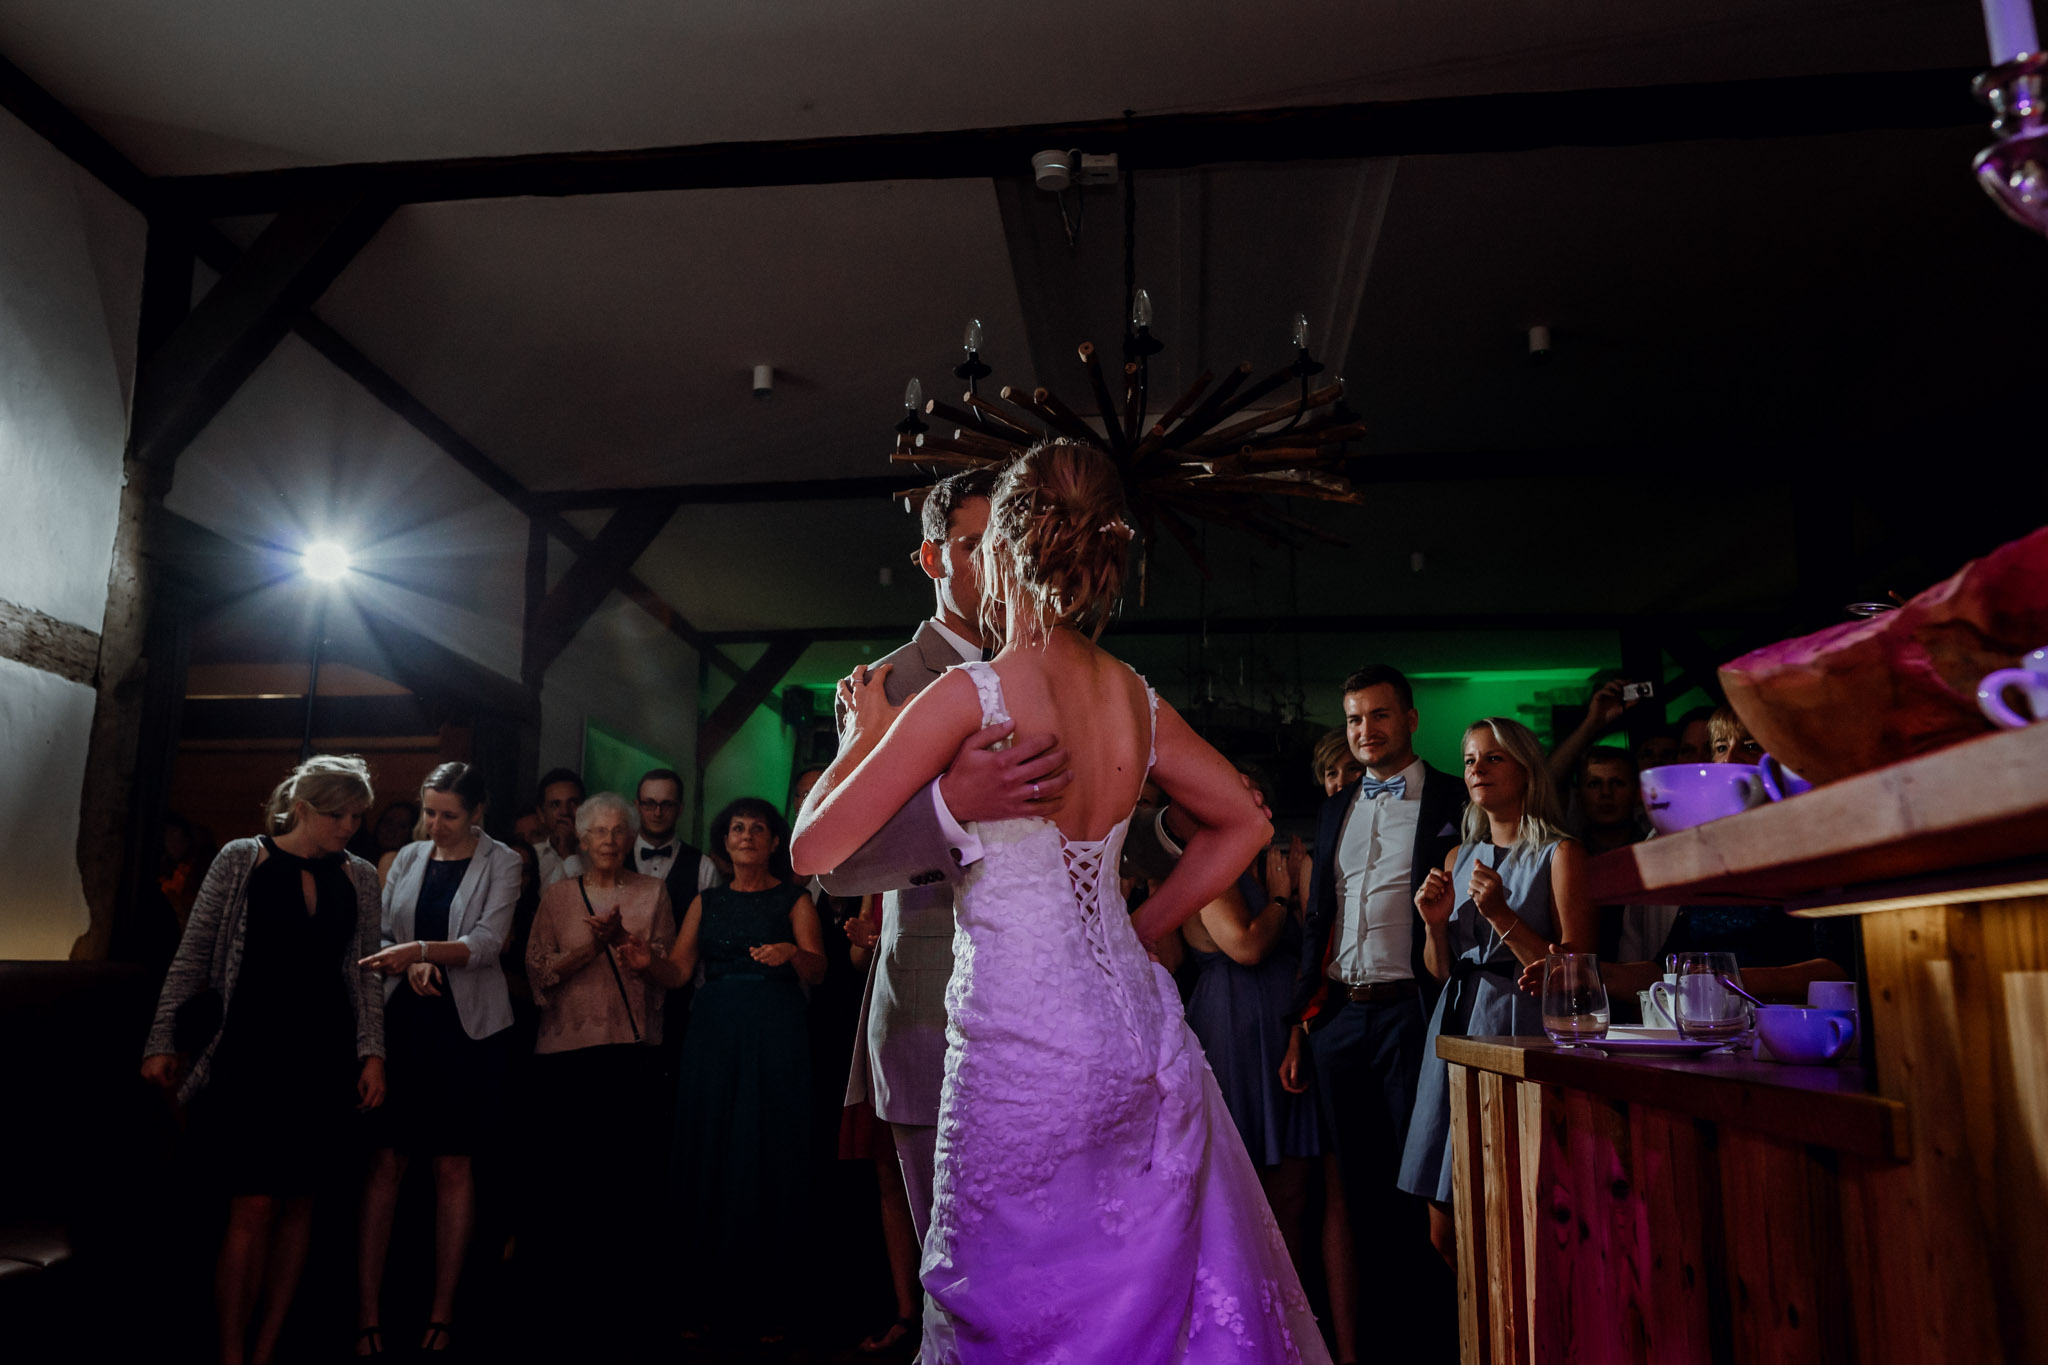 Sven Schomburg Hochzeitsfotografie, Hamburg, Mölln, Hochzeitsfieber by Photo-Schomburg, Hochzeitsreportage, Forsthaus Waldhusen, Braut, Bräutigam-89